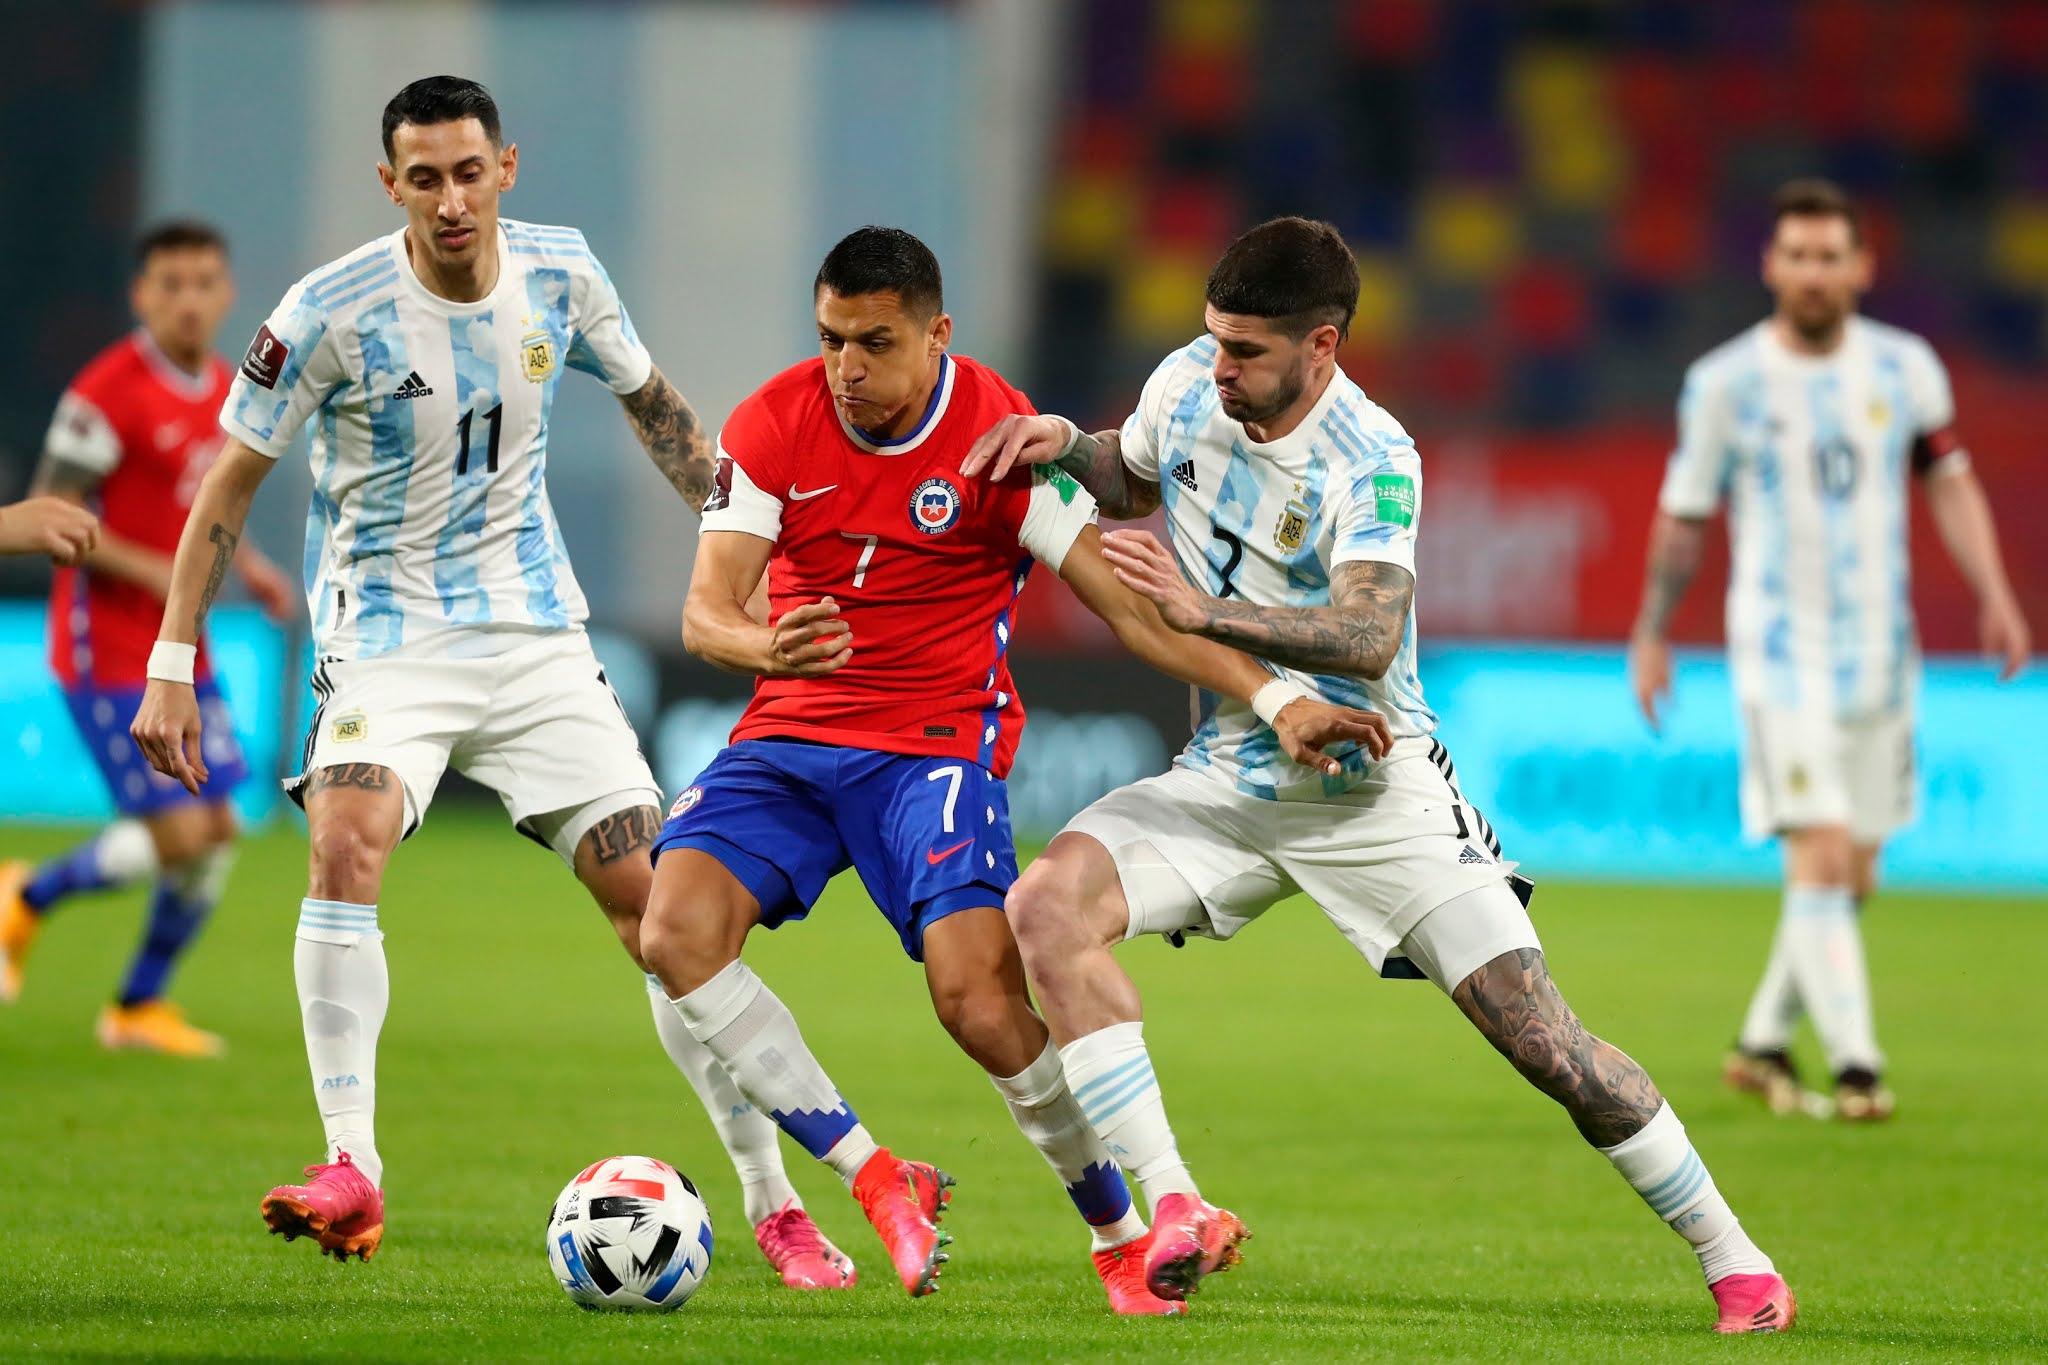 Argentina y Chile en Clasificatorias a Catar 2022, 03 de junio de 2021